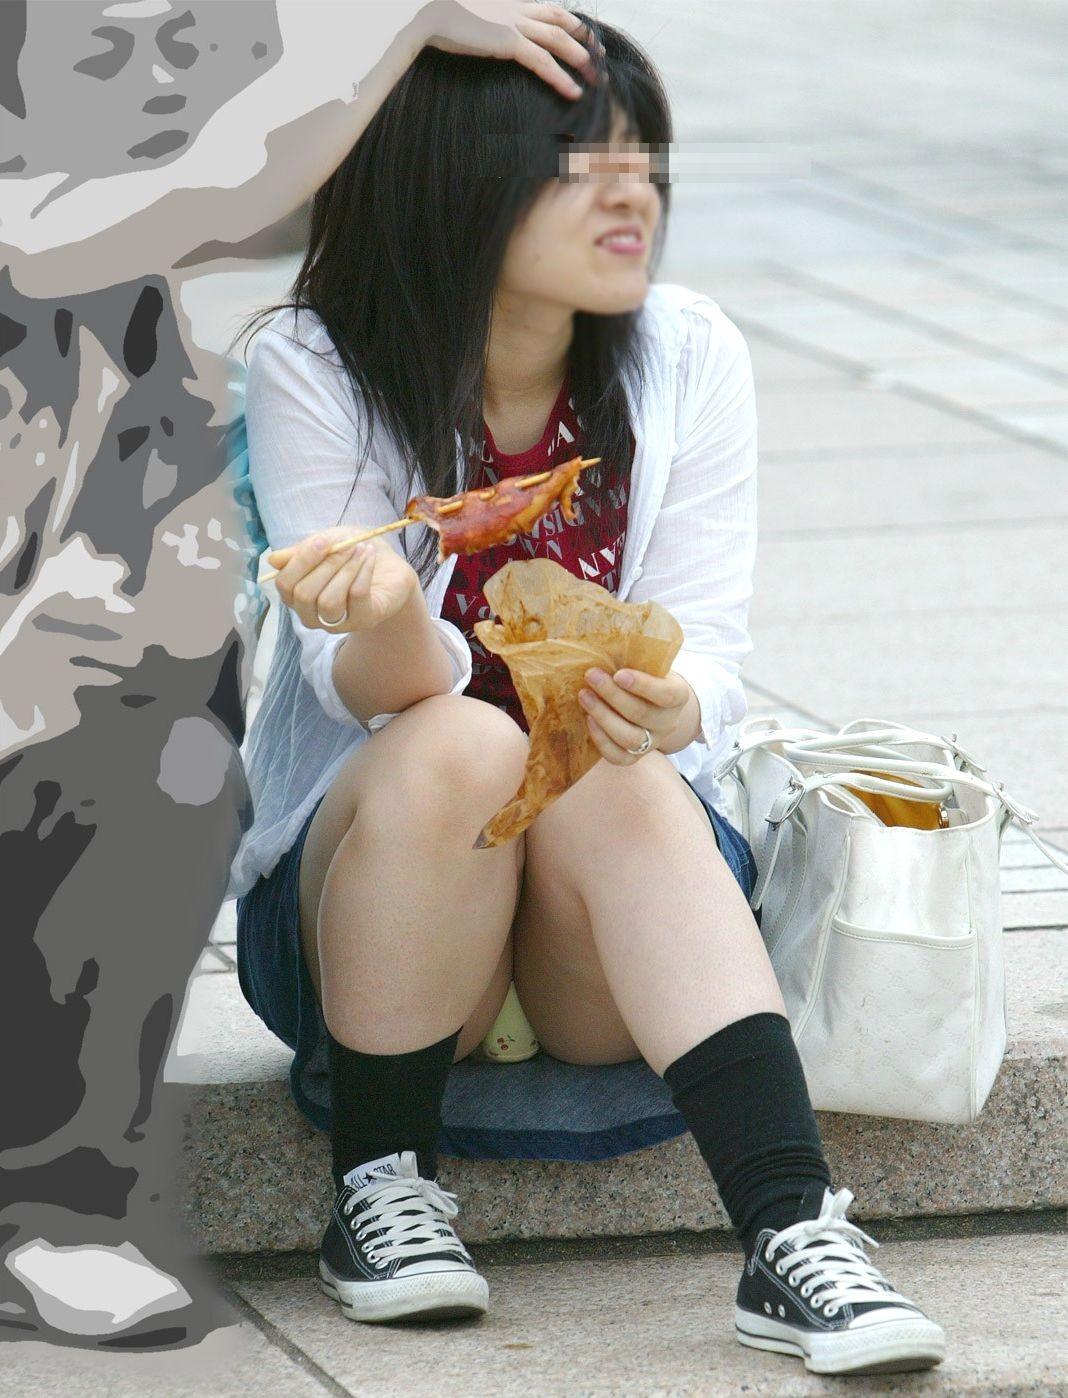 【パンチラエロ画像】絶対にわざと見せてるwミニで座ると当然丸見えになるおパンツ(*´Д`)